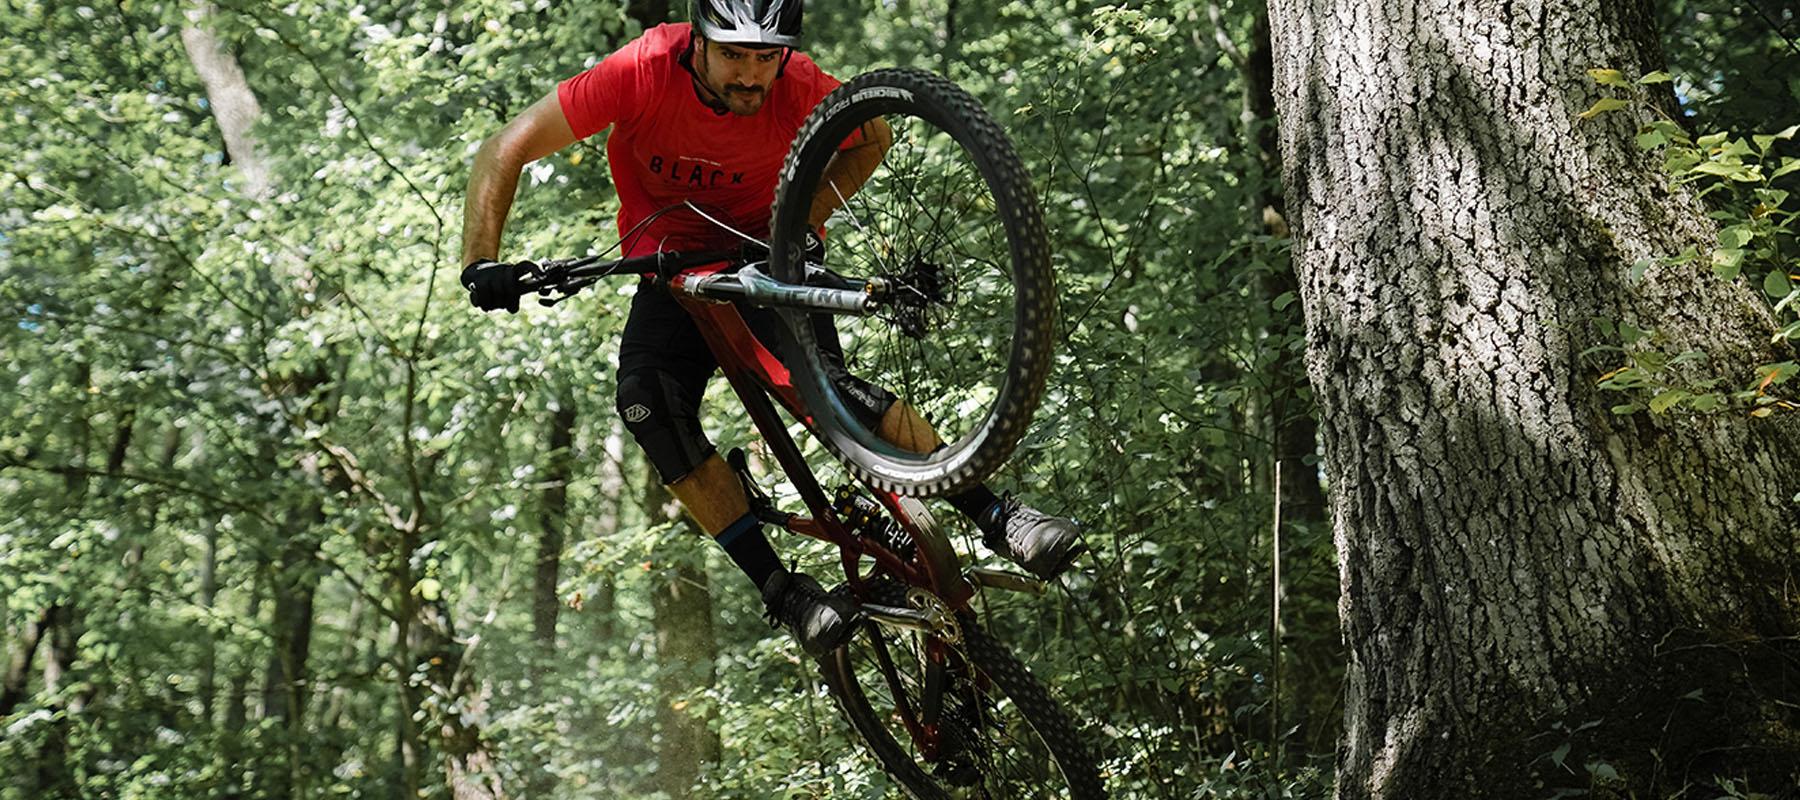 29 sizes Suspension Motorcycle International Shaft Clamp Set Mountain Bike